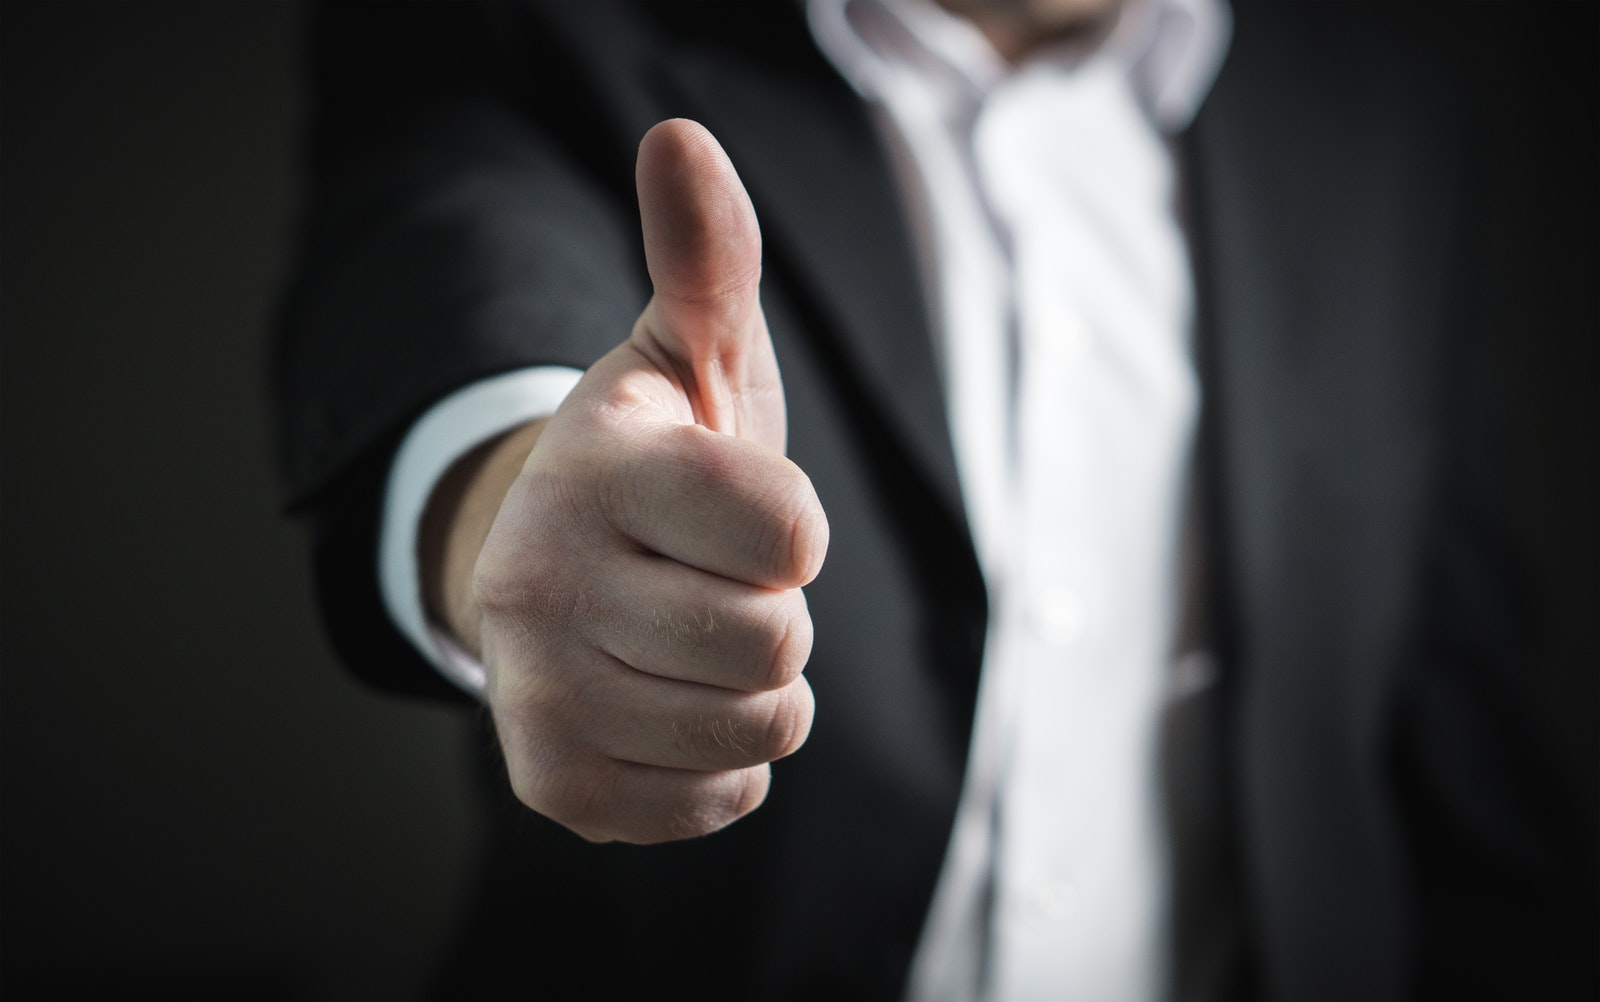 Vier Gründe für eine Arbeitgeber-gesteuerte betriebliche Altersversorgung